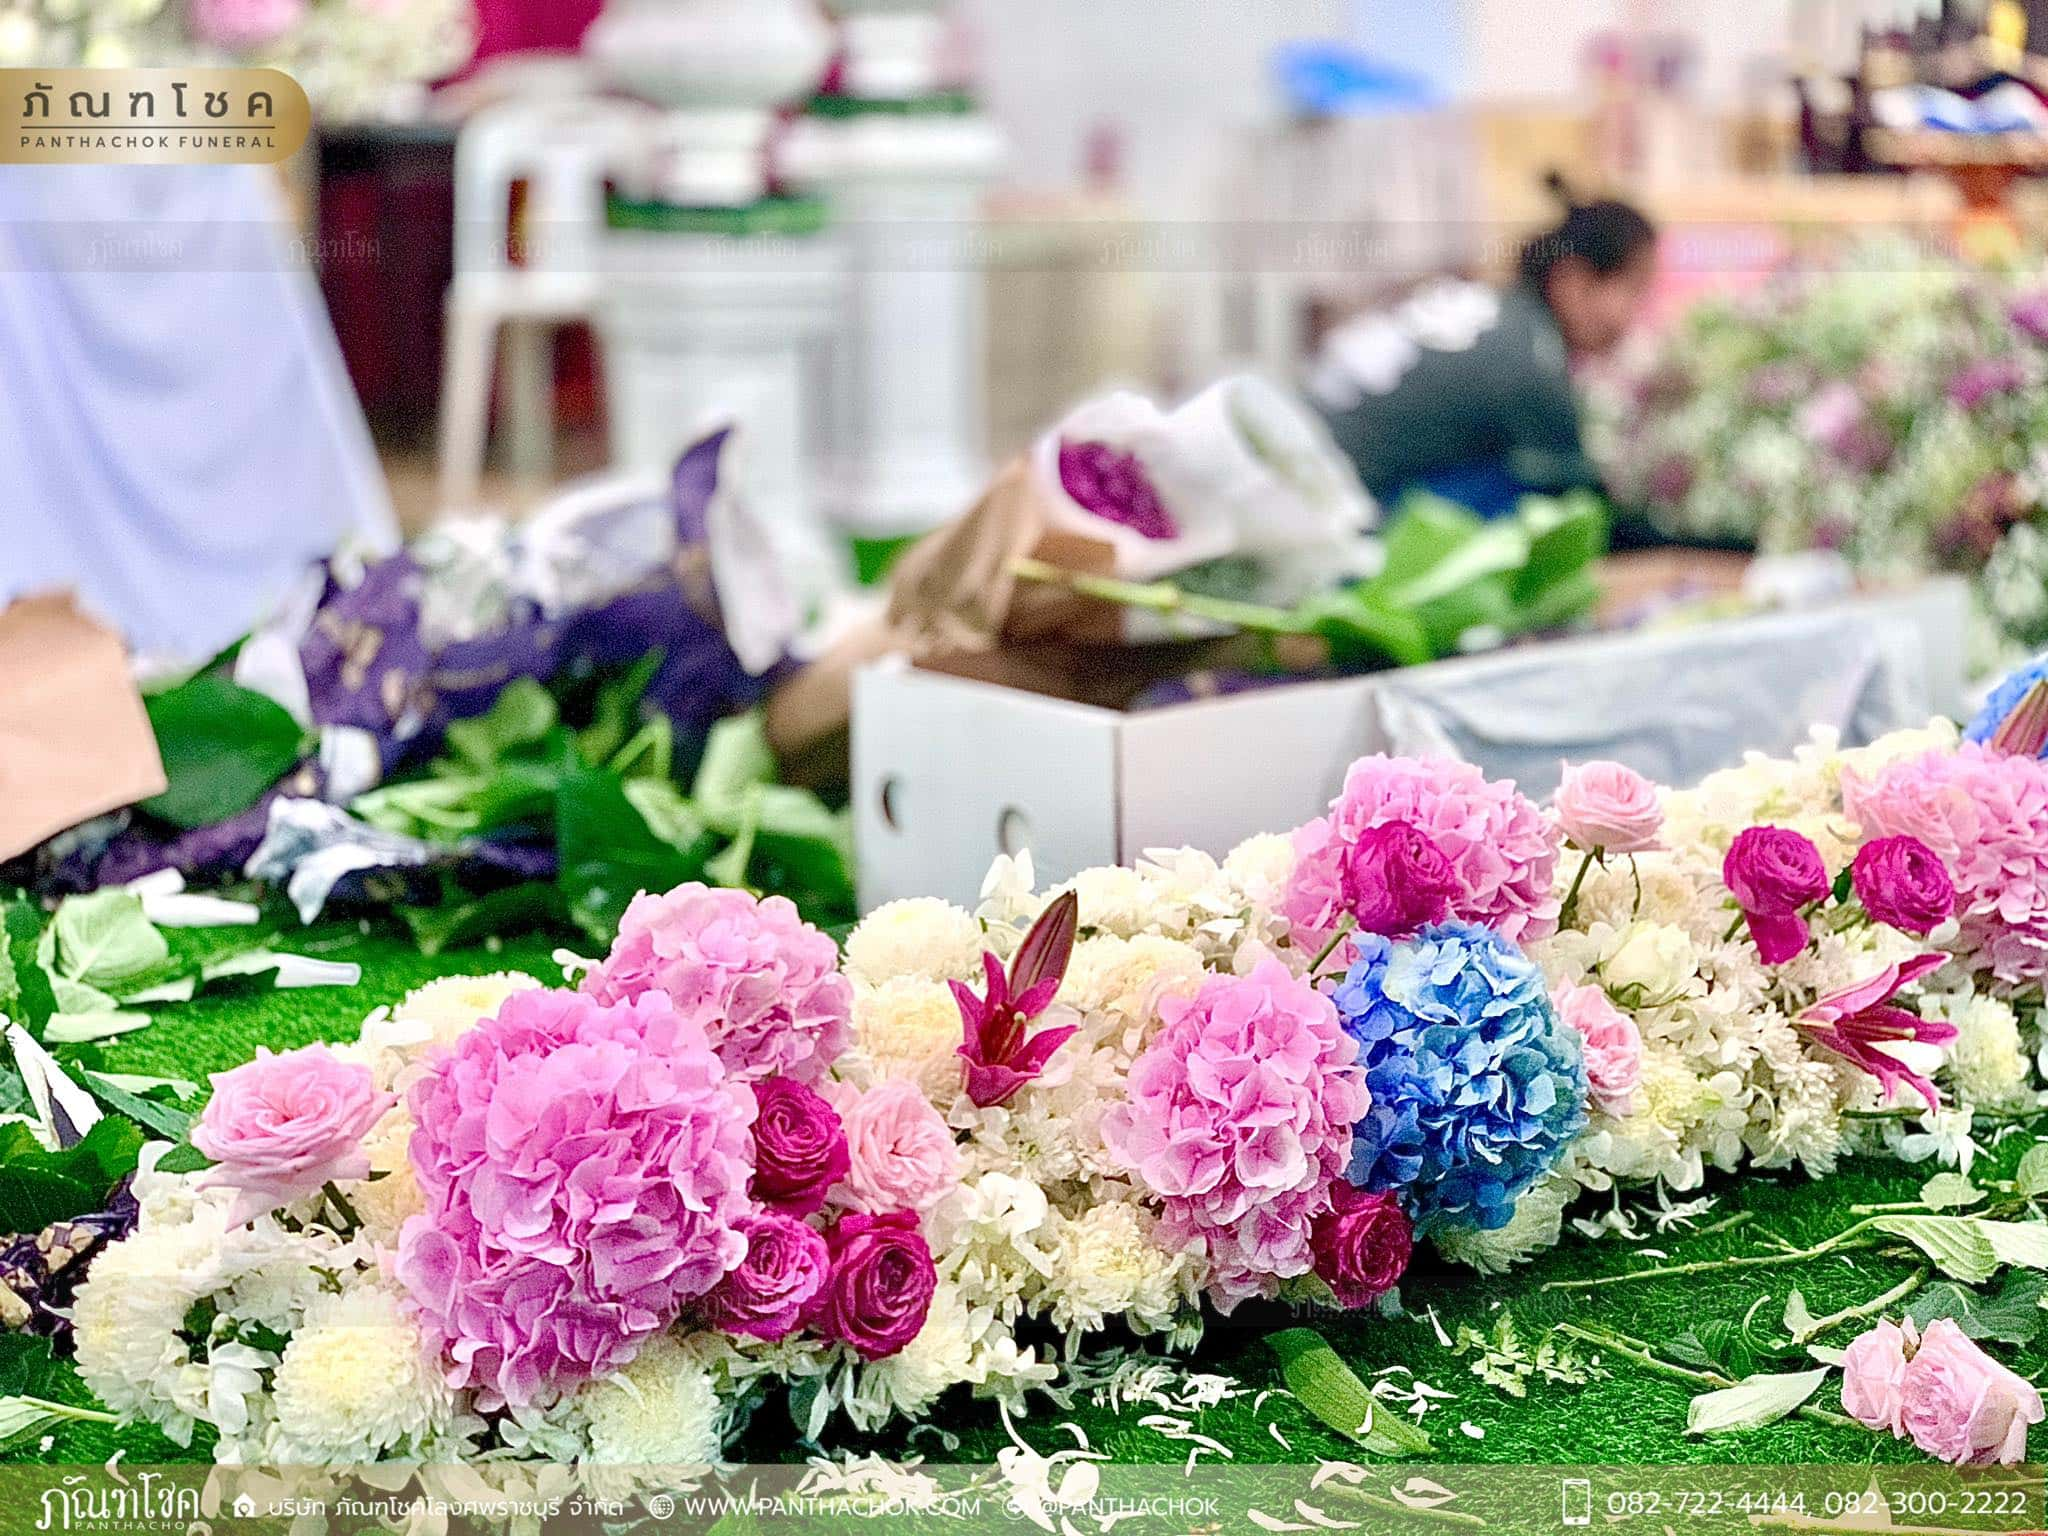 ดอกไม้หน้าหีบสีหวานสดใส ณ วัดหลักสี่ กทม. 7